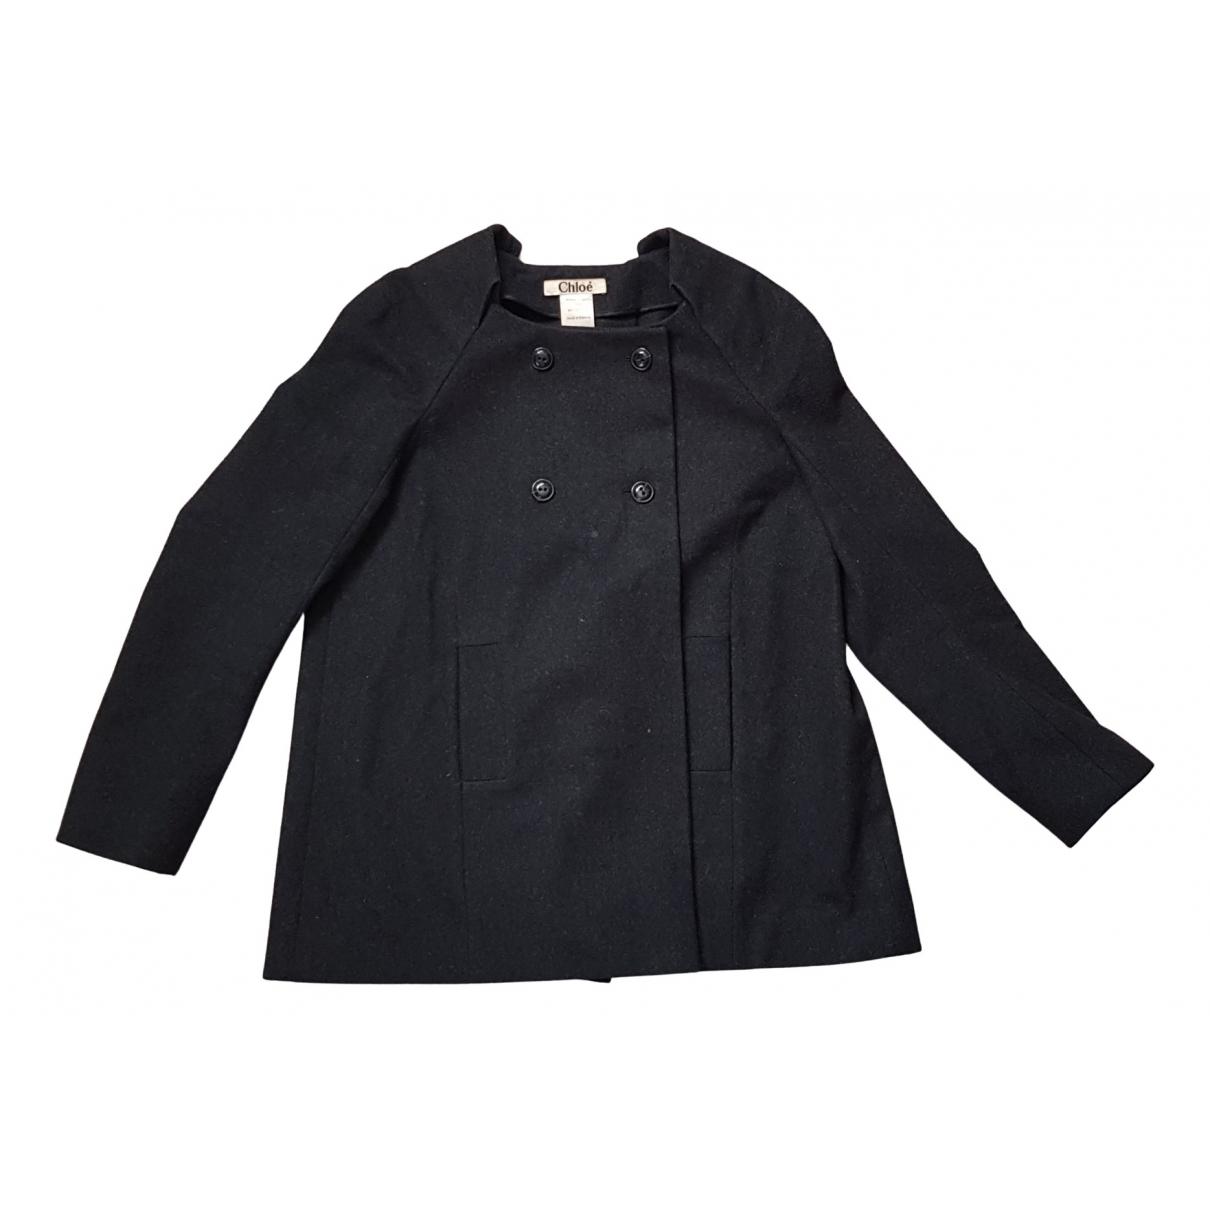 Chloe - Manteau   pour femme en laine - anthracite